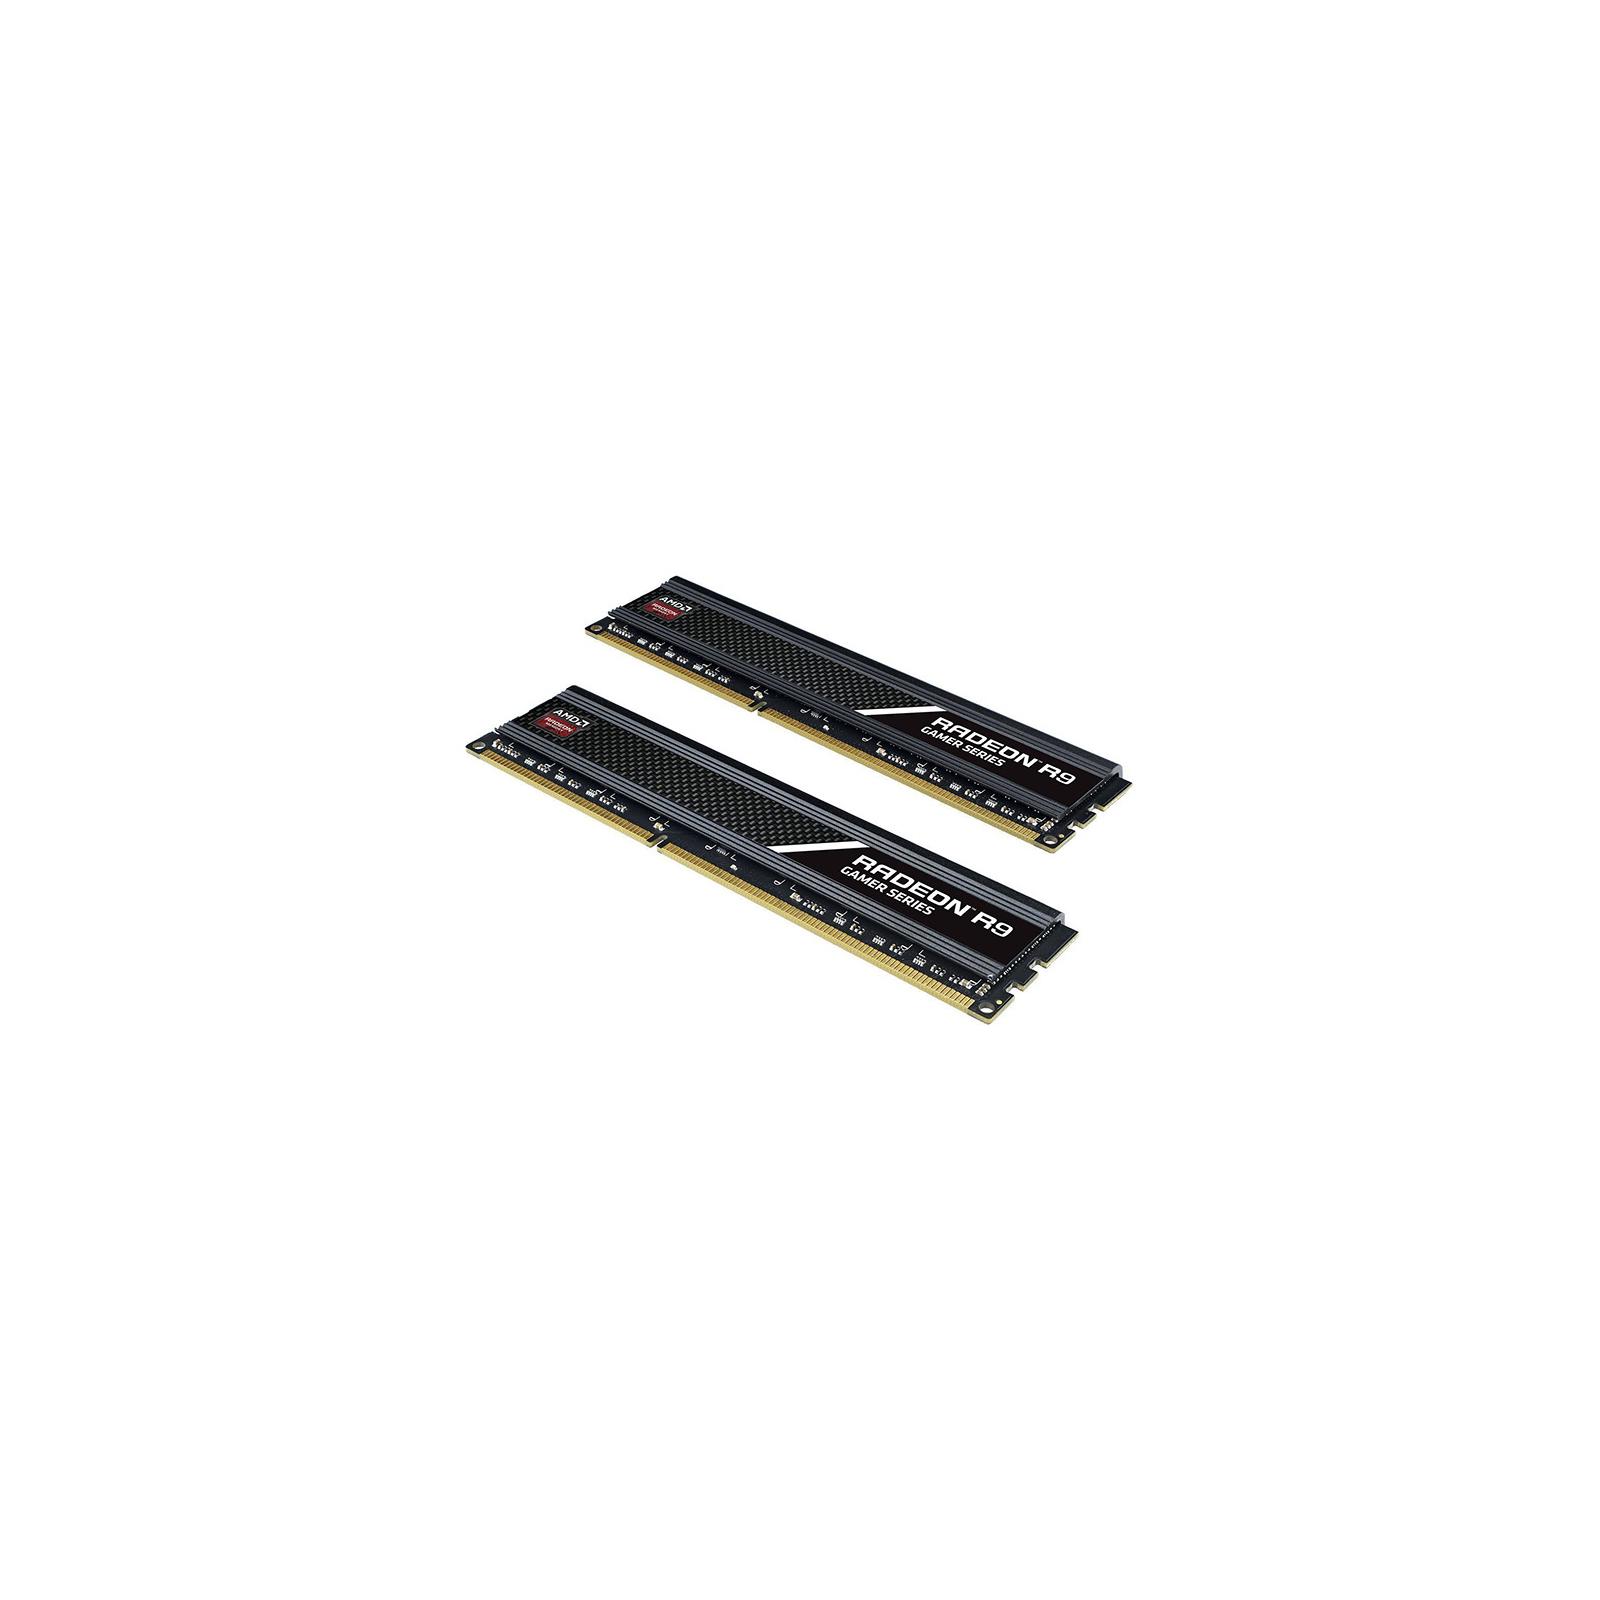 Модуль памяти для компьютера DDR3 8GB (2x4GB) 2133 MHz AMD (R938G2130U1K) изображение 2